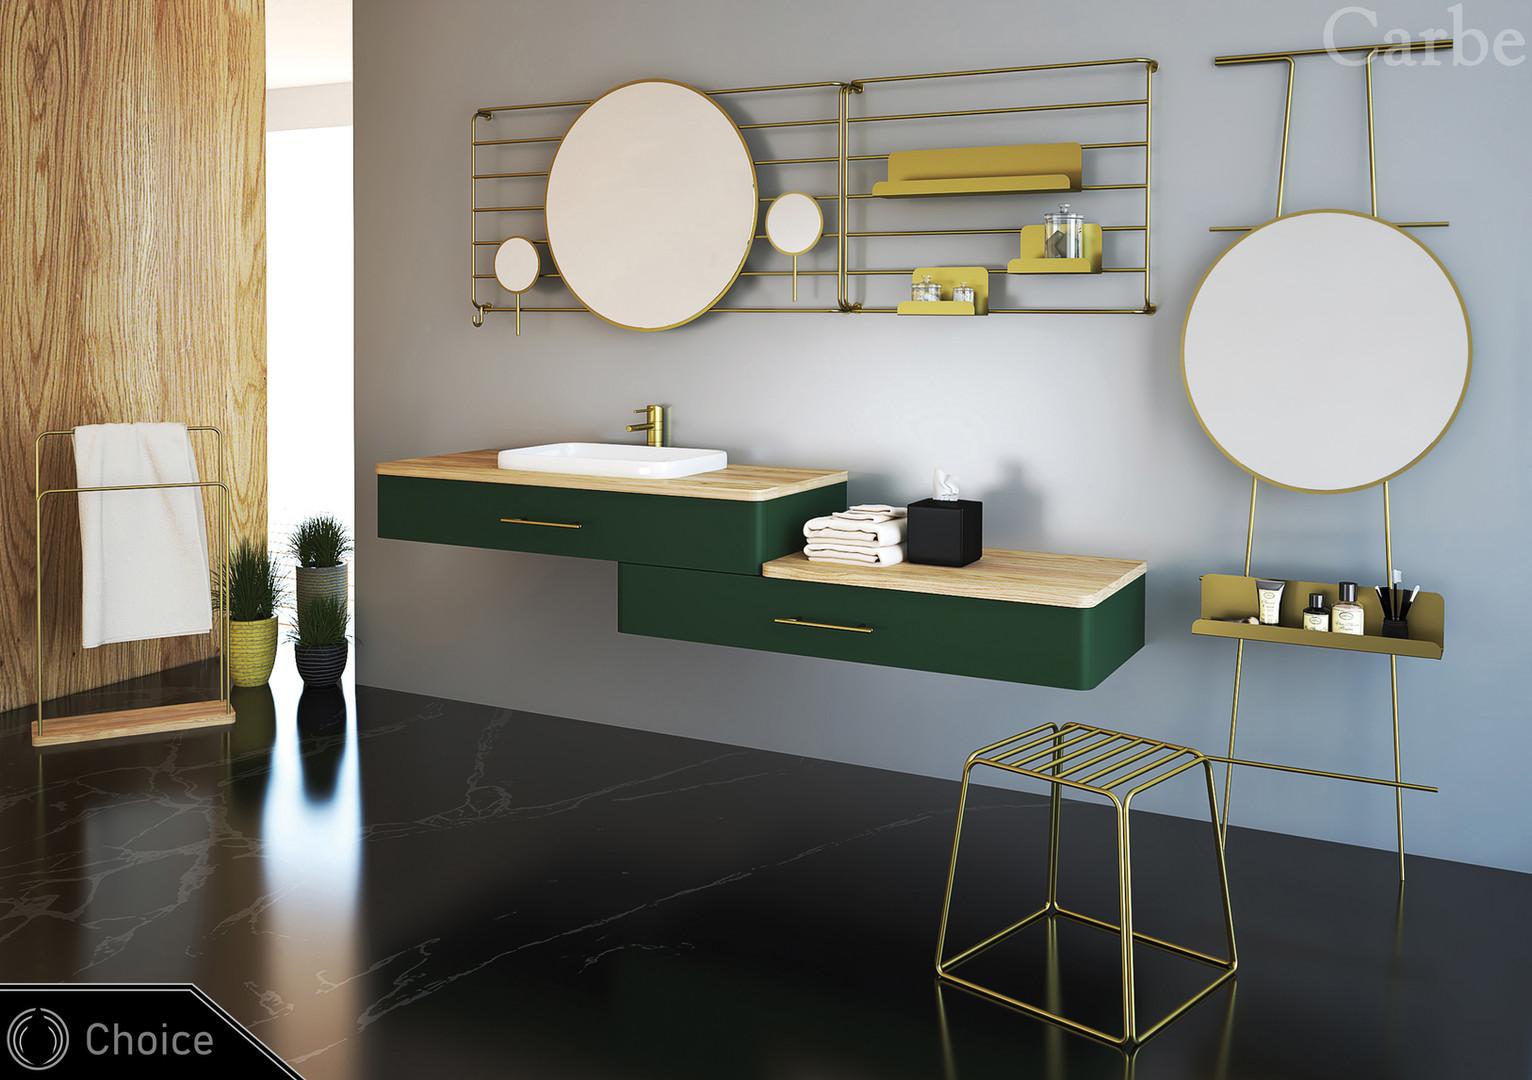 Choice - Green Supermatt, Natural Ash Wood, Dolmite Washbasin, Soft Closing